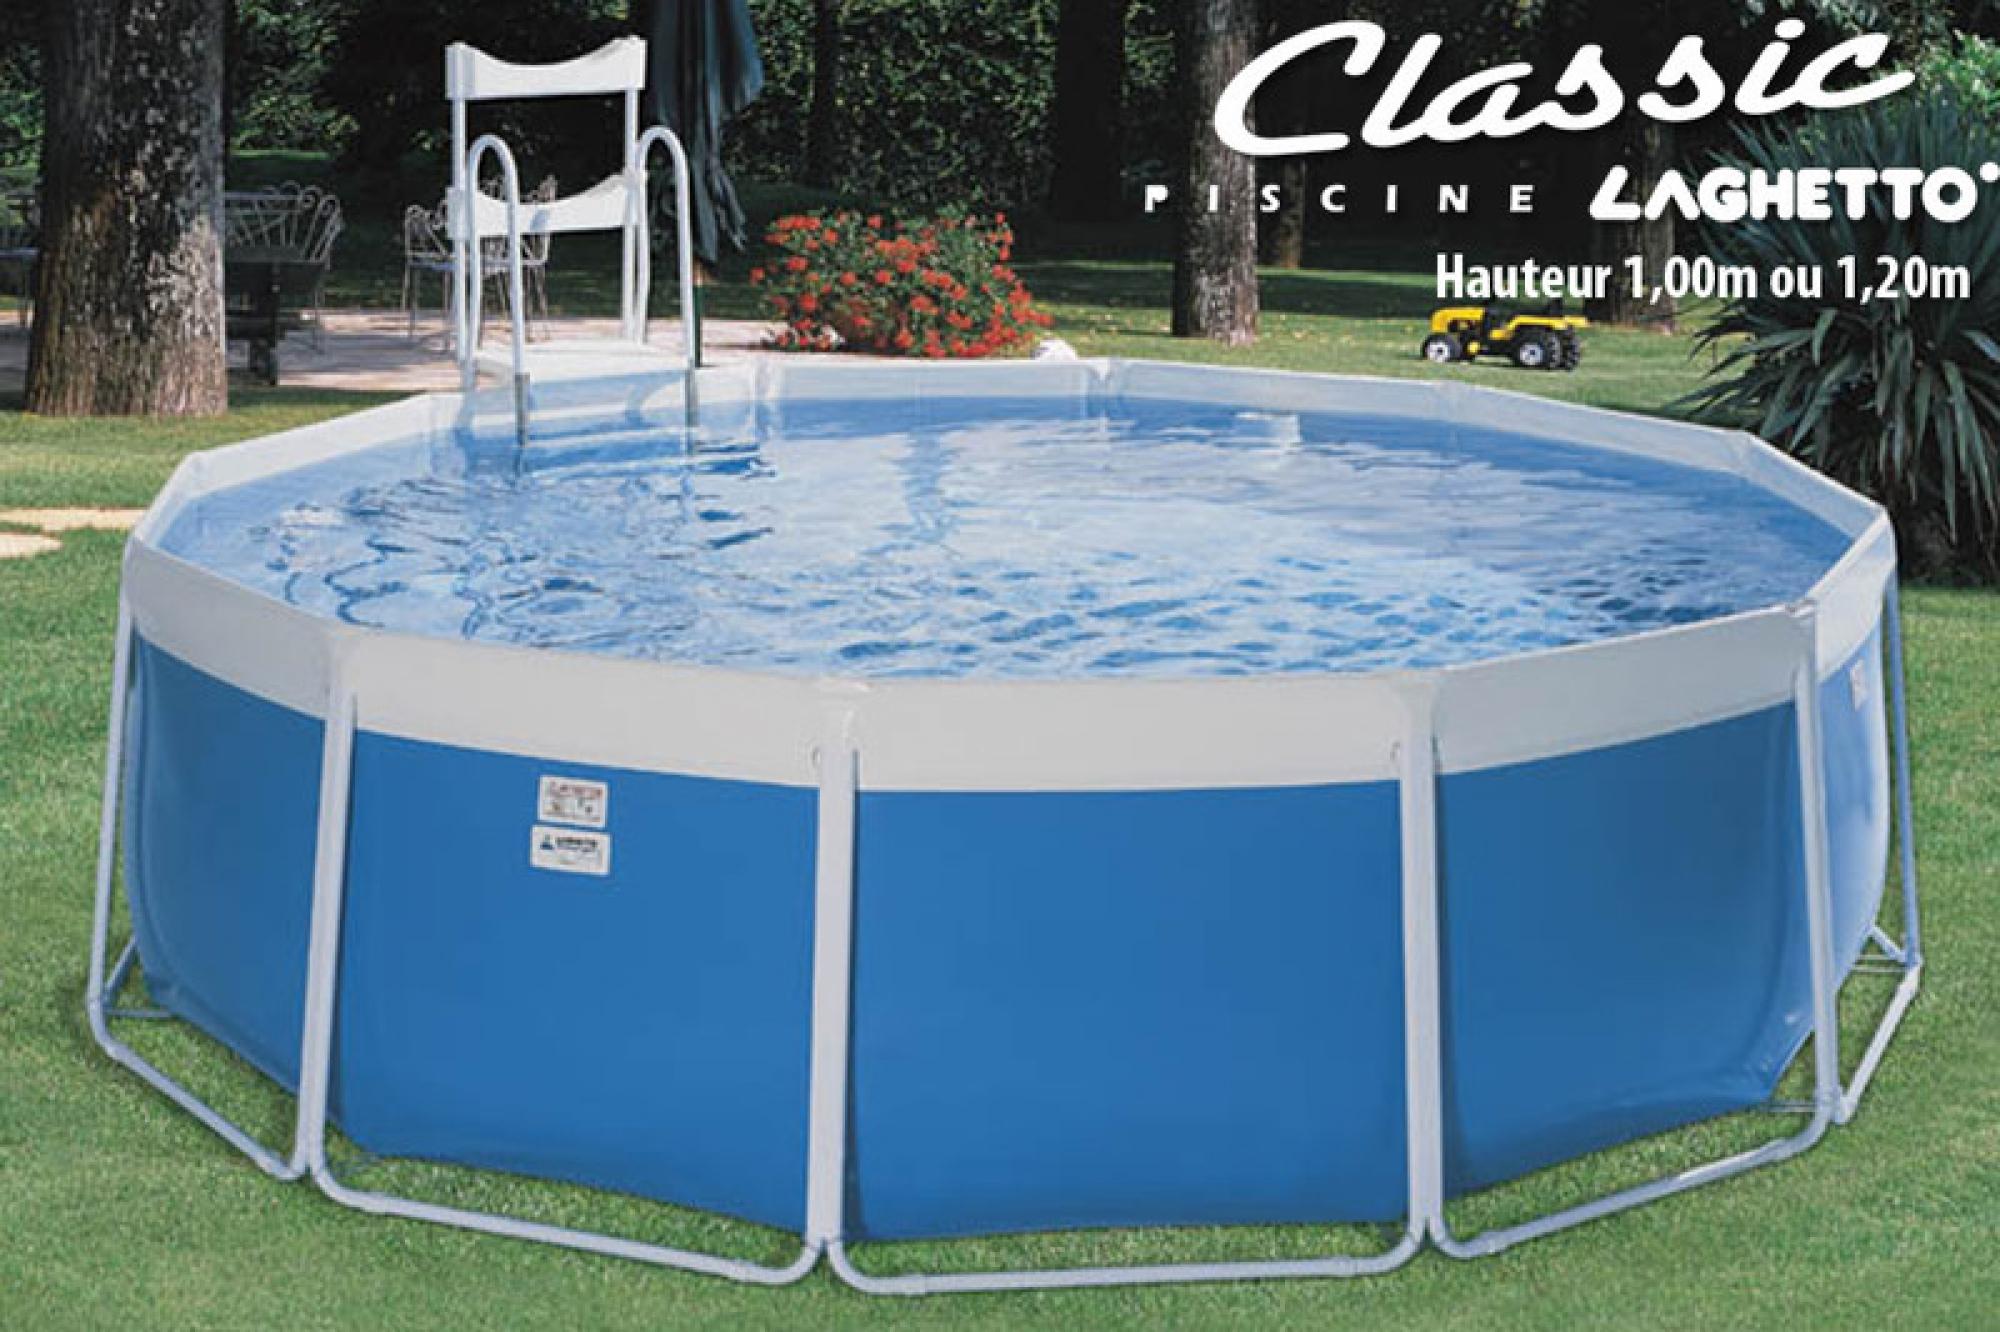 Voir Piscine Hors Sol piscine hors-sol classic laghetto, aquarev'piscines choisit